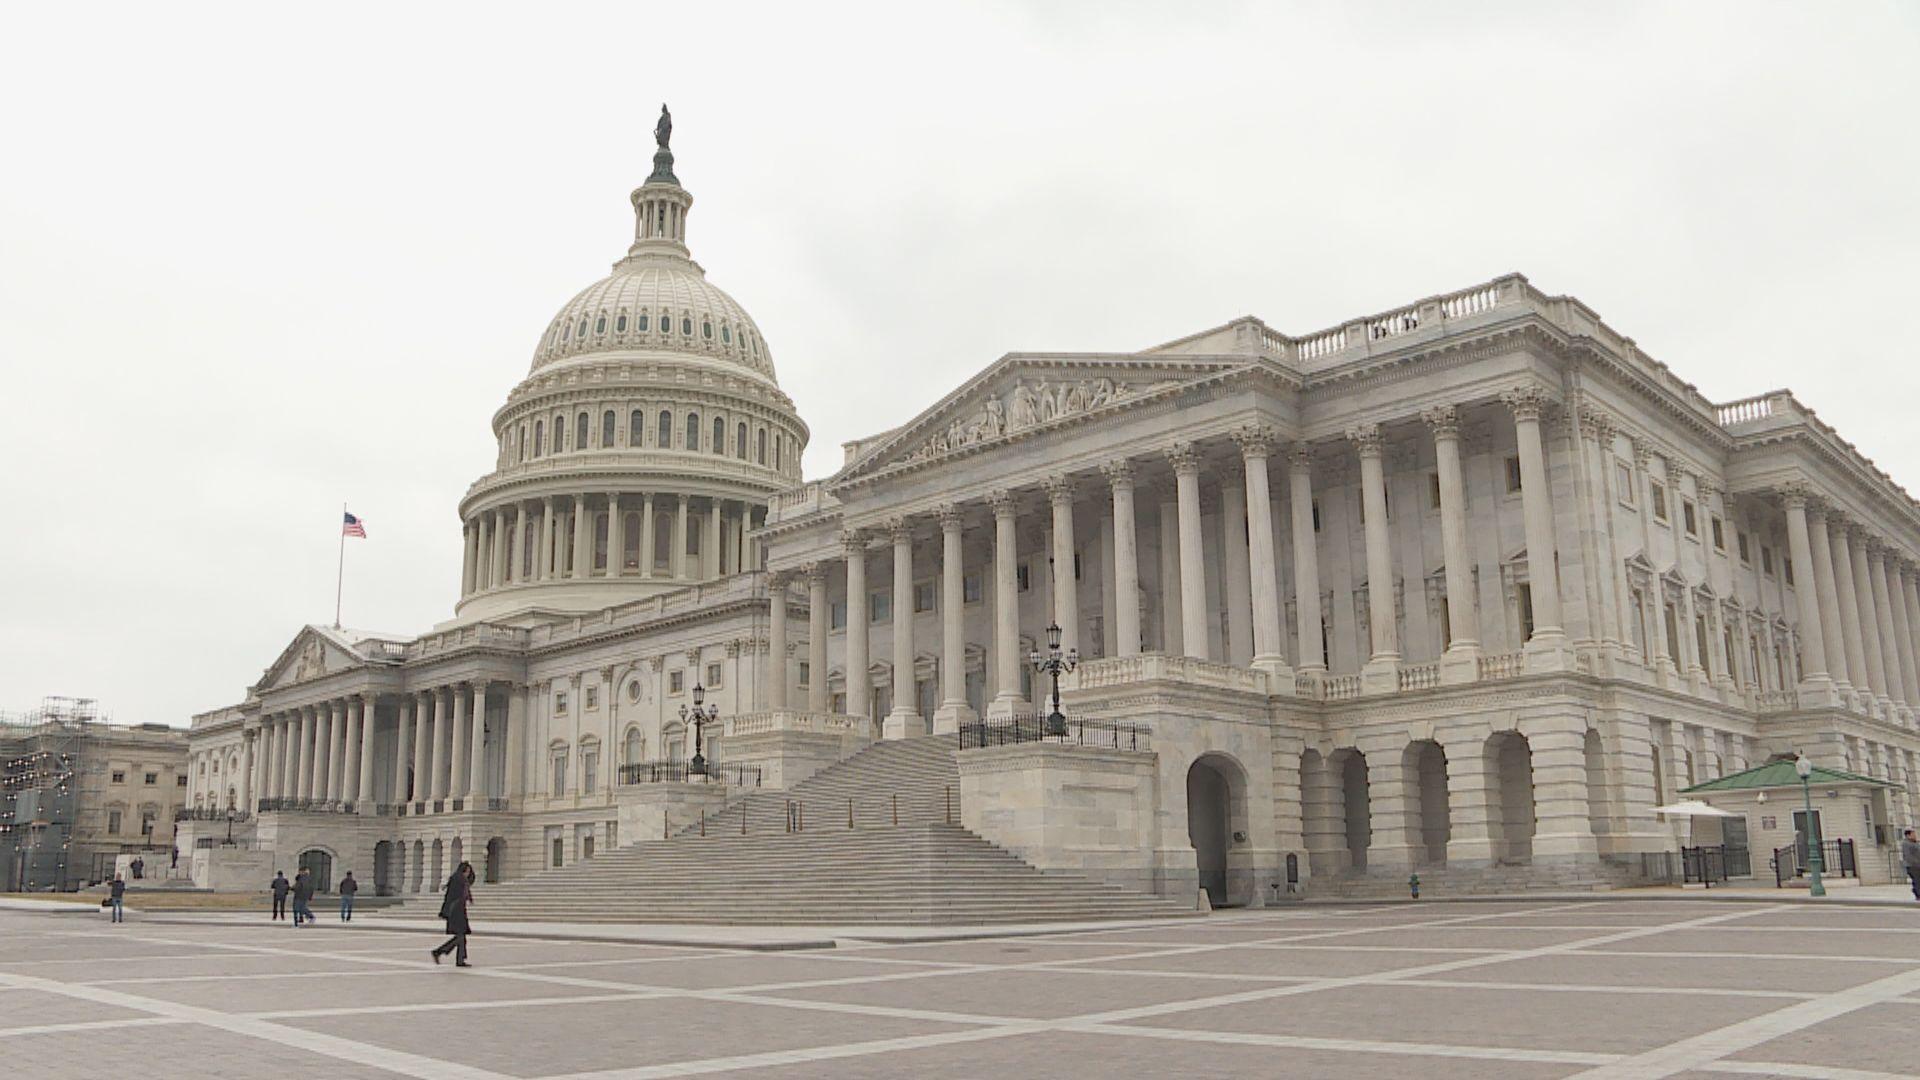 美國參議員將提出法案制裁在港實施國安法的中國官員